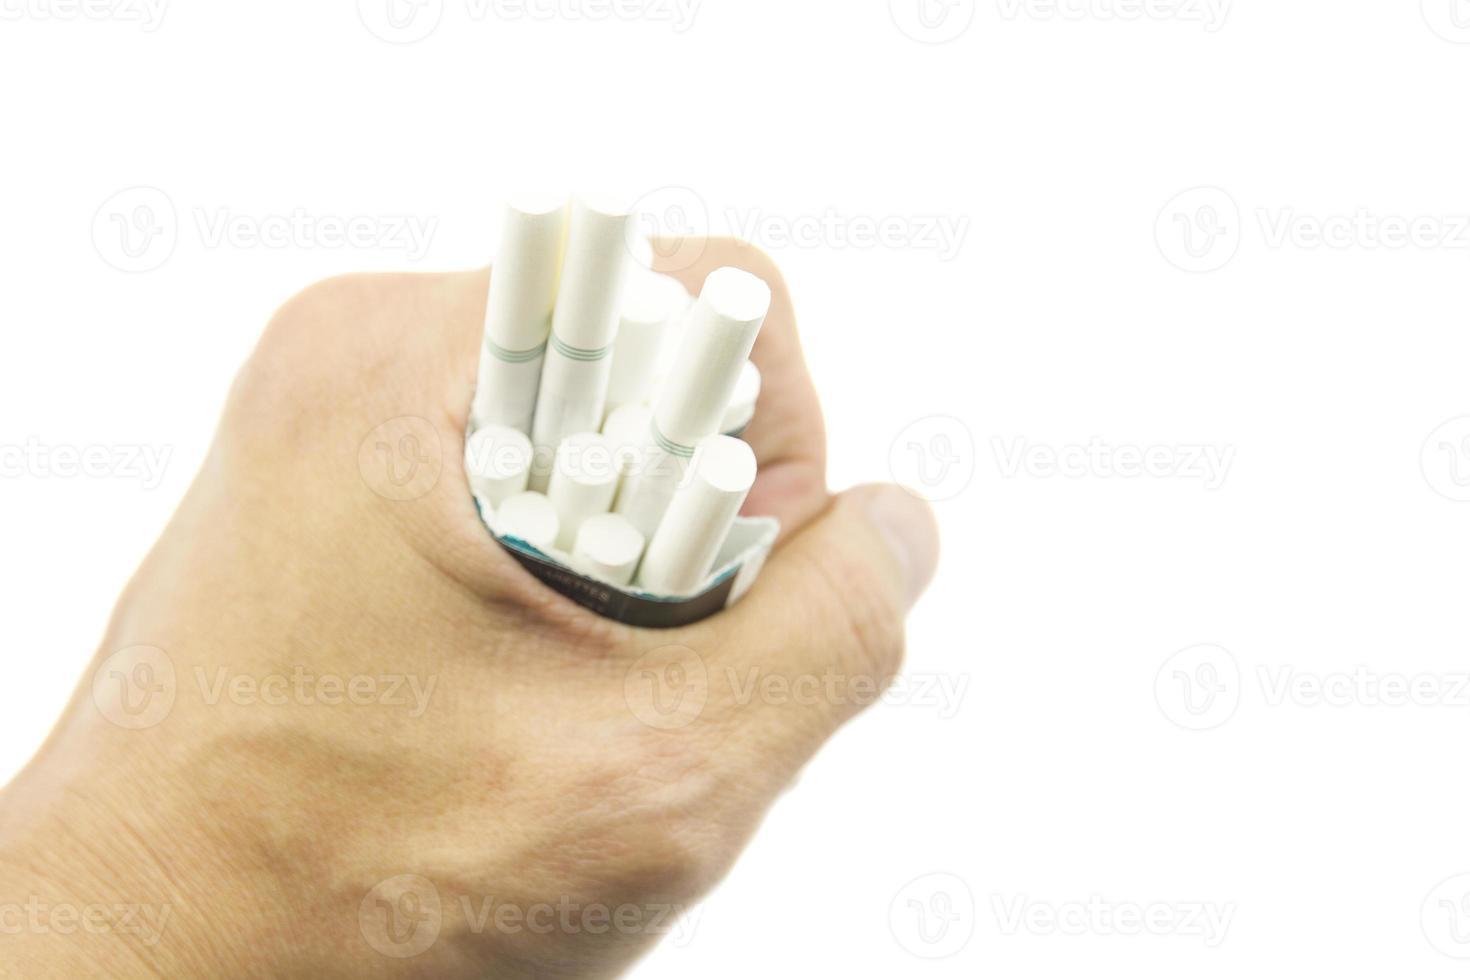 Hör auf mit der Zigarette foto